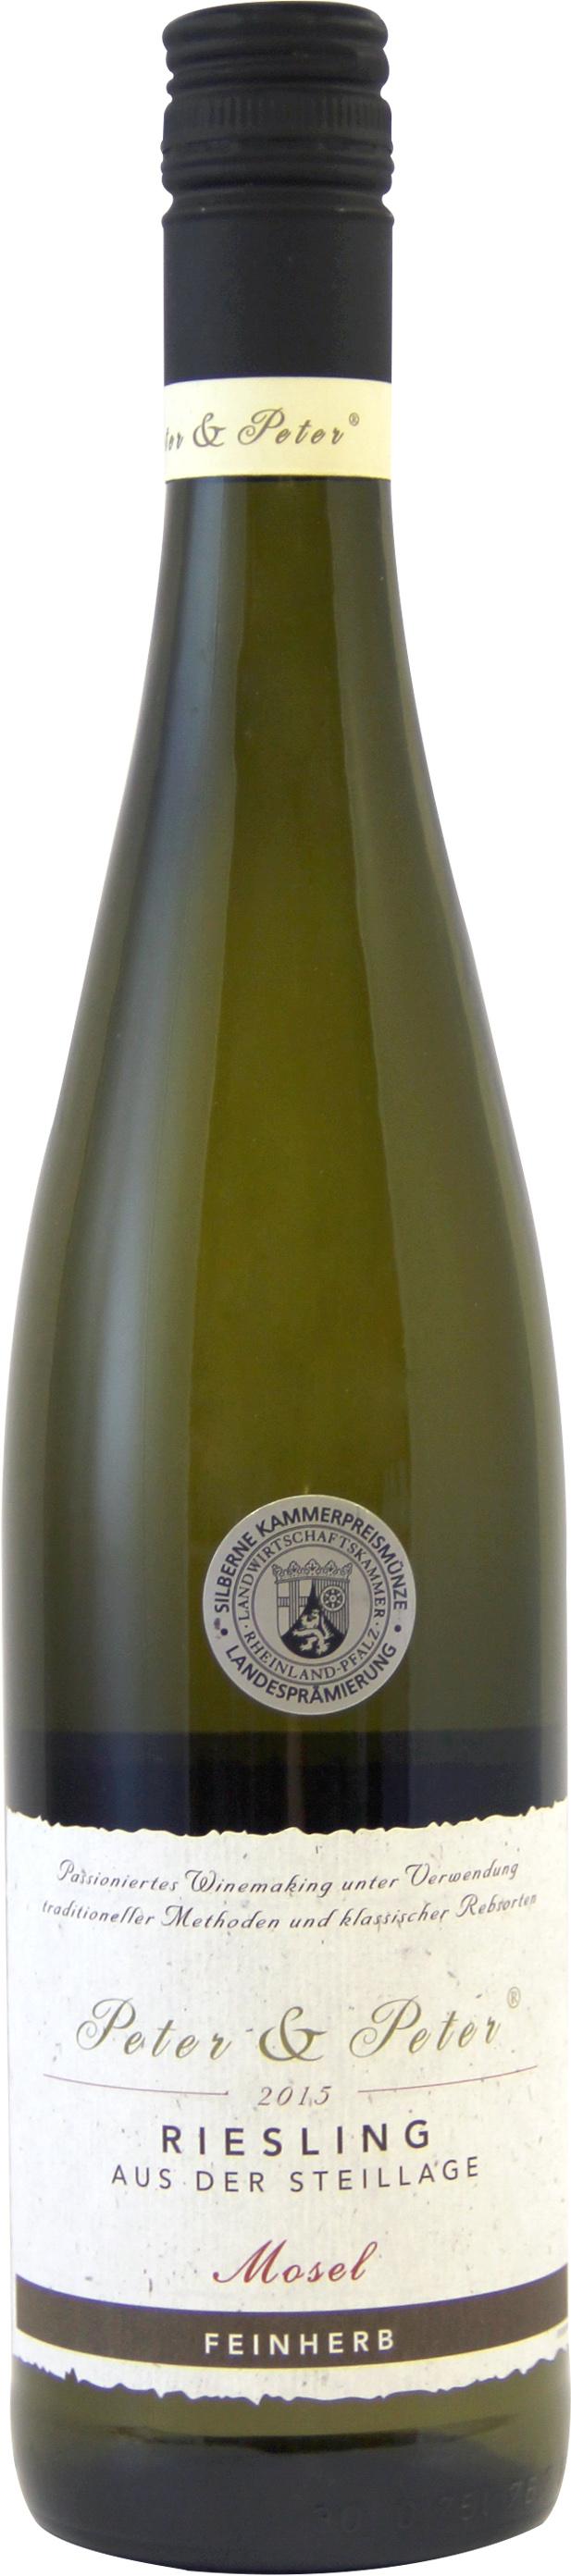 皮特•彼得陡峭山坡雷司令半甜白葡萄酒